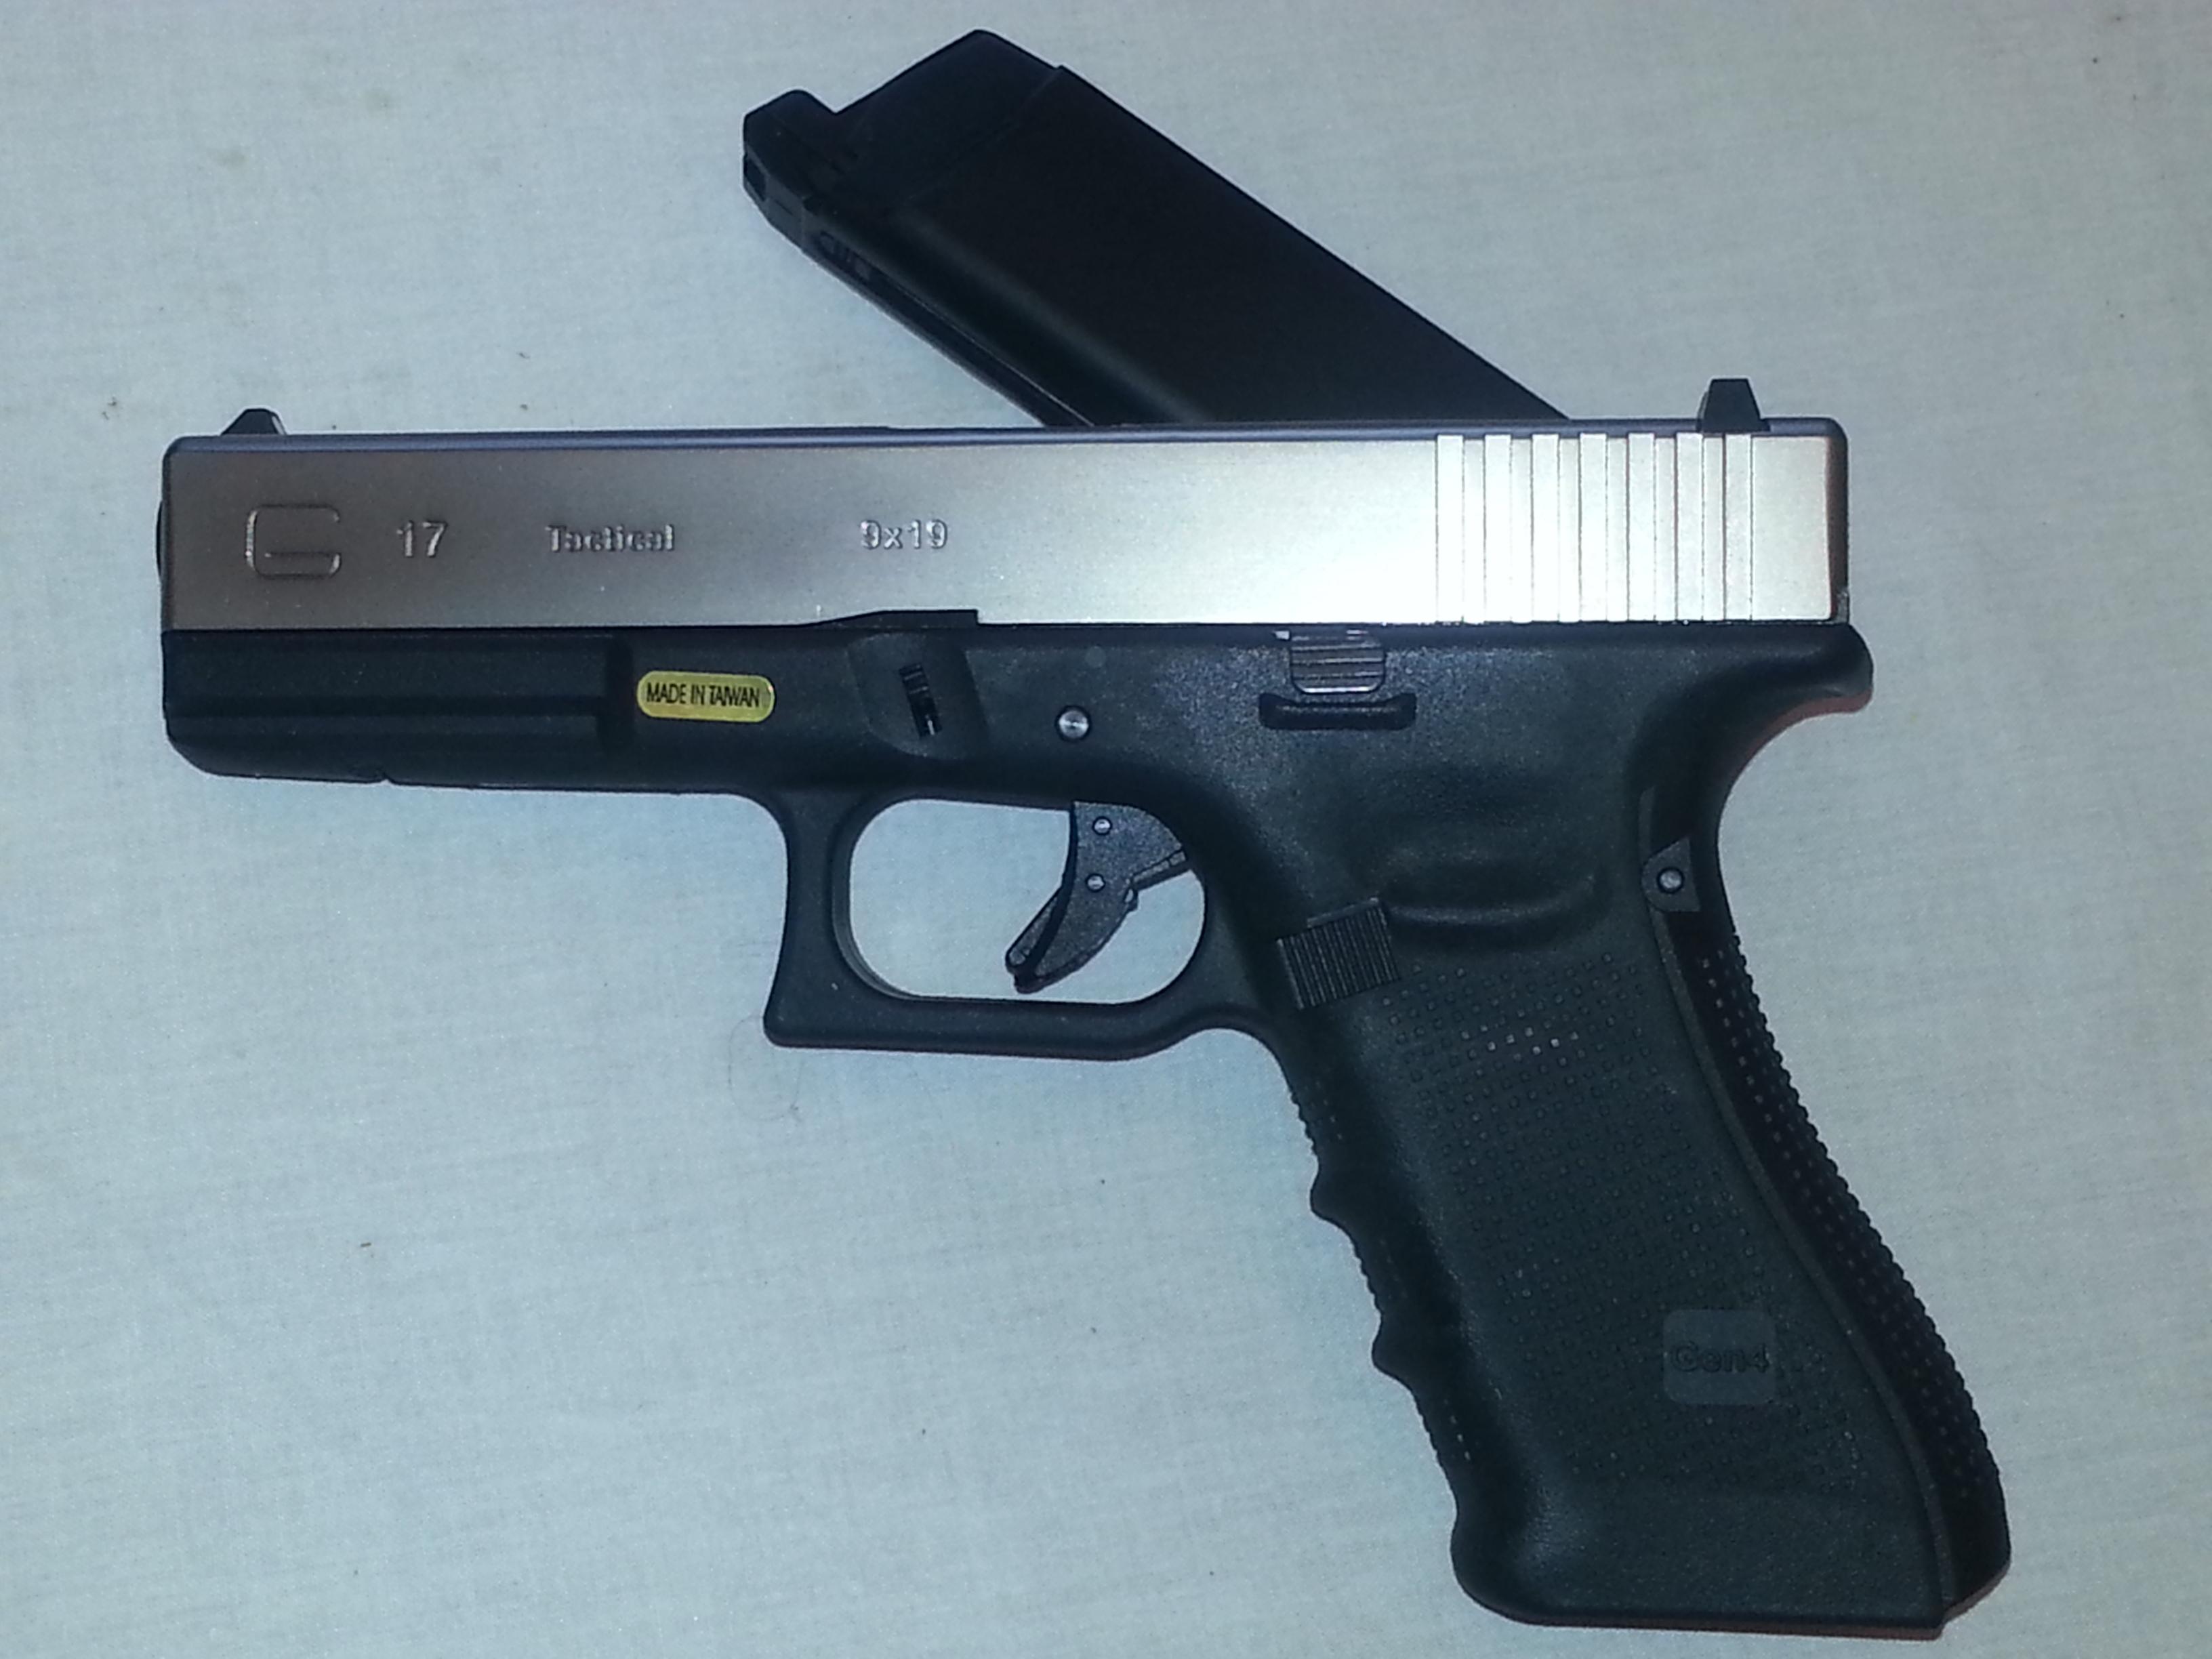 Glock 17 Gen 4 Wallpapers Hd